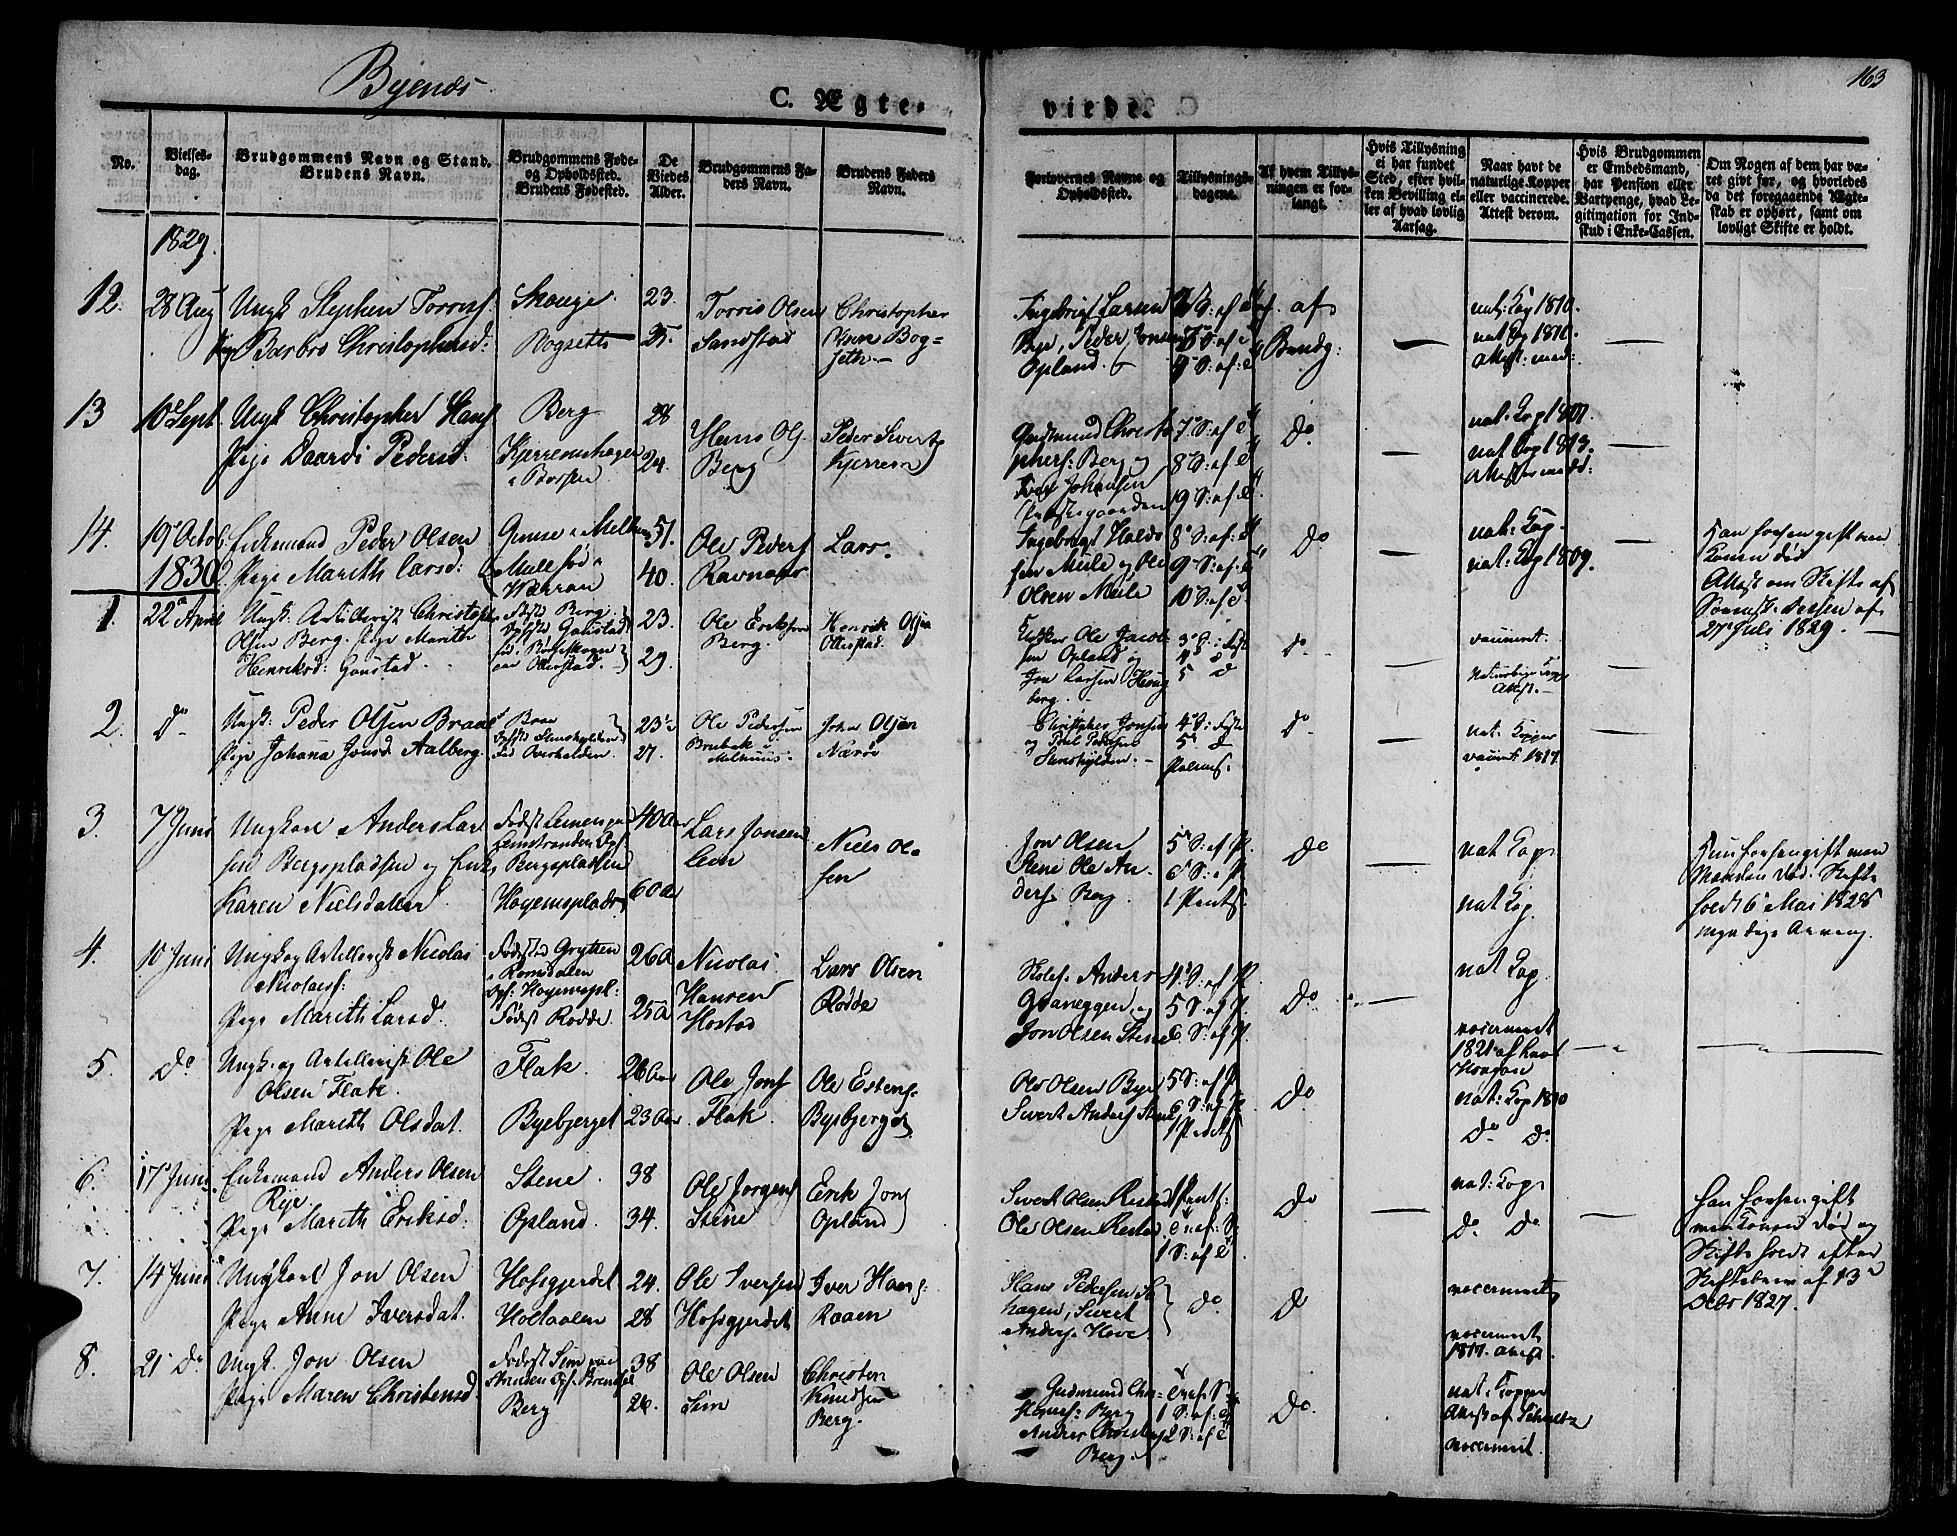 SAT, Ministerialprotokoller, klokkerbøker og fødselsregistre - Sør-Trøndelag, 612/L0374: Ministerialbok nr. 612A07 /1, 1829-1845, s. 163